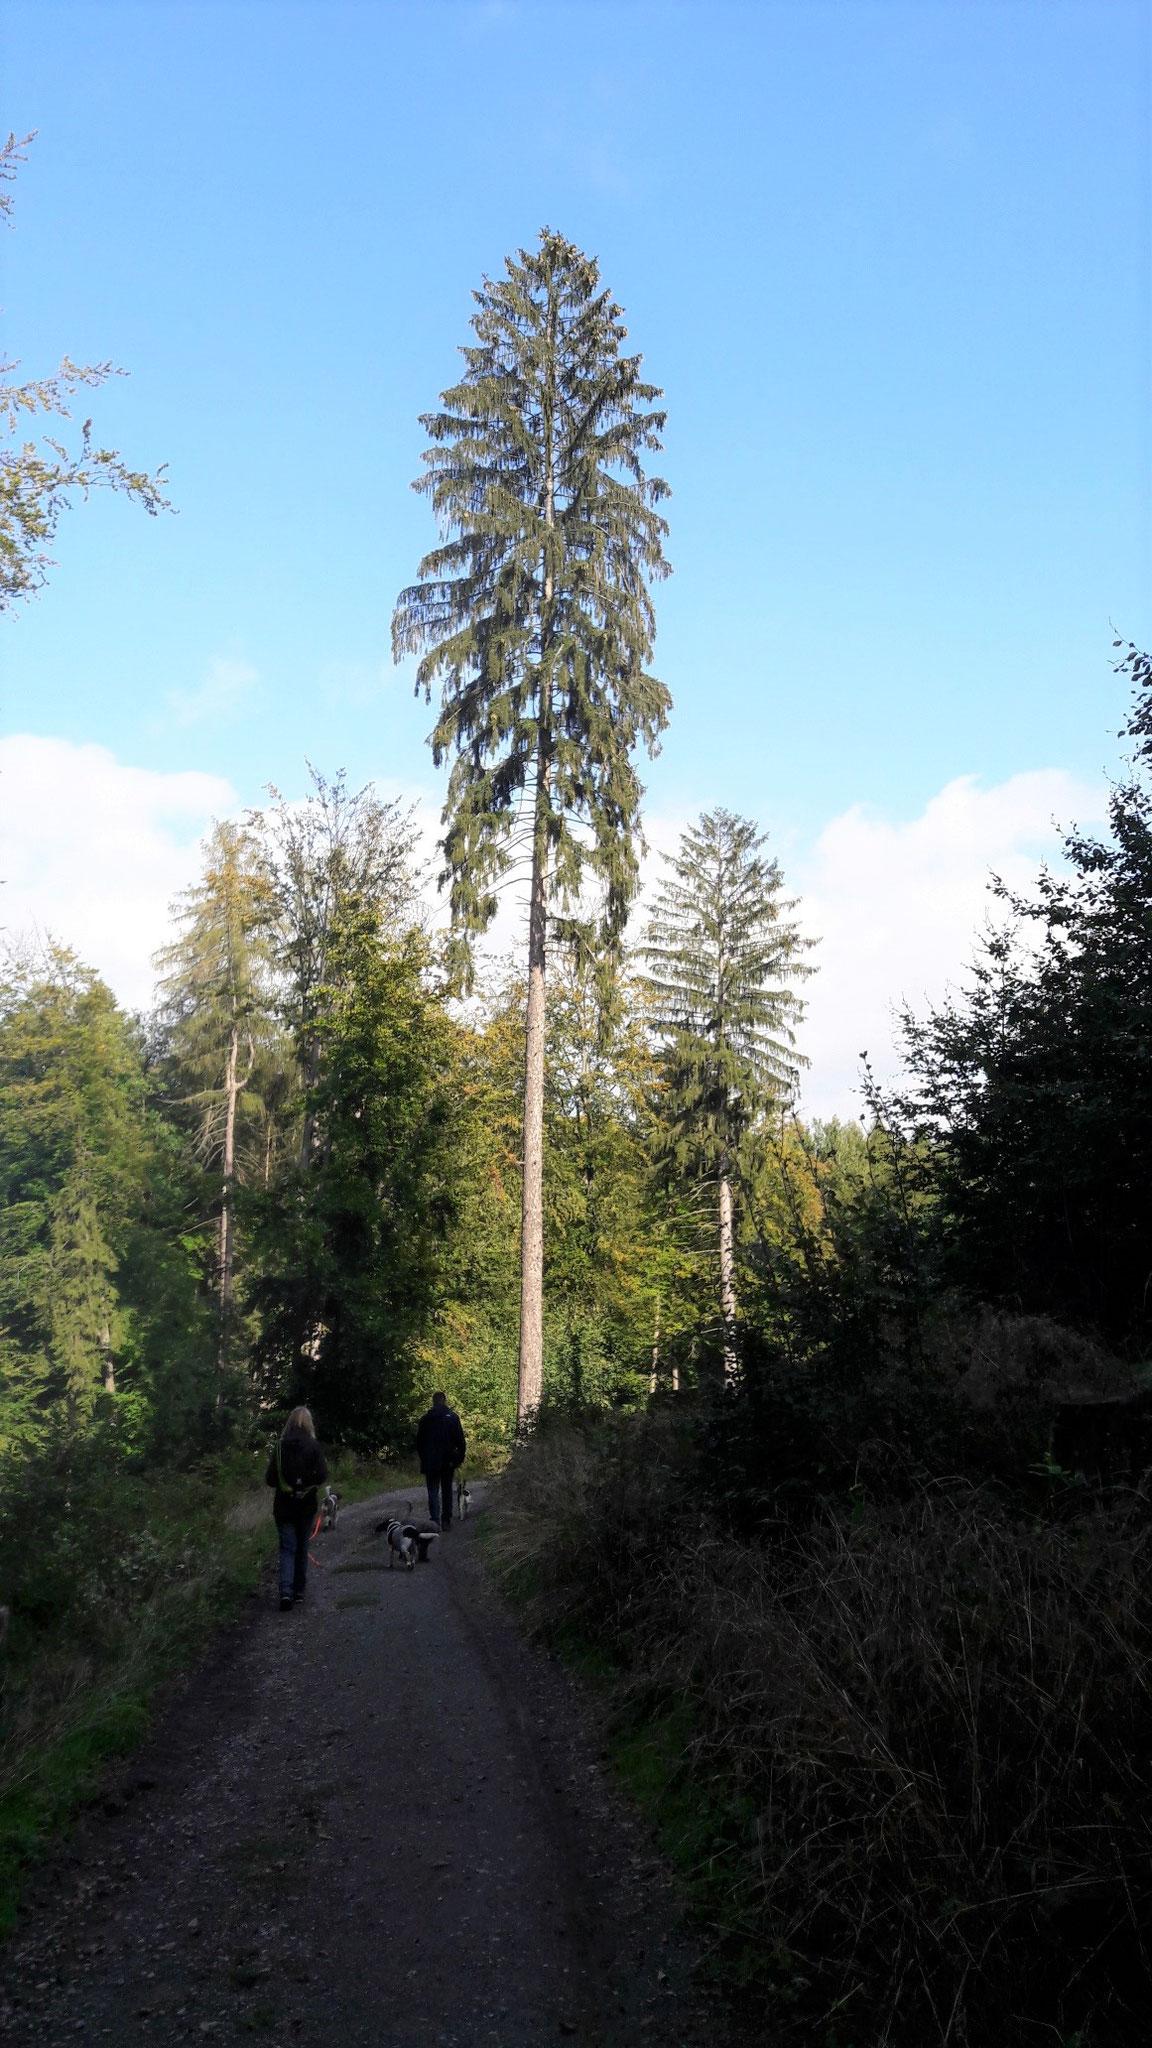 wieder im geliebten Wald